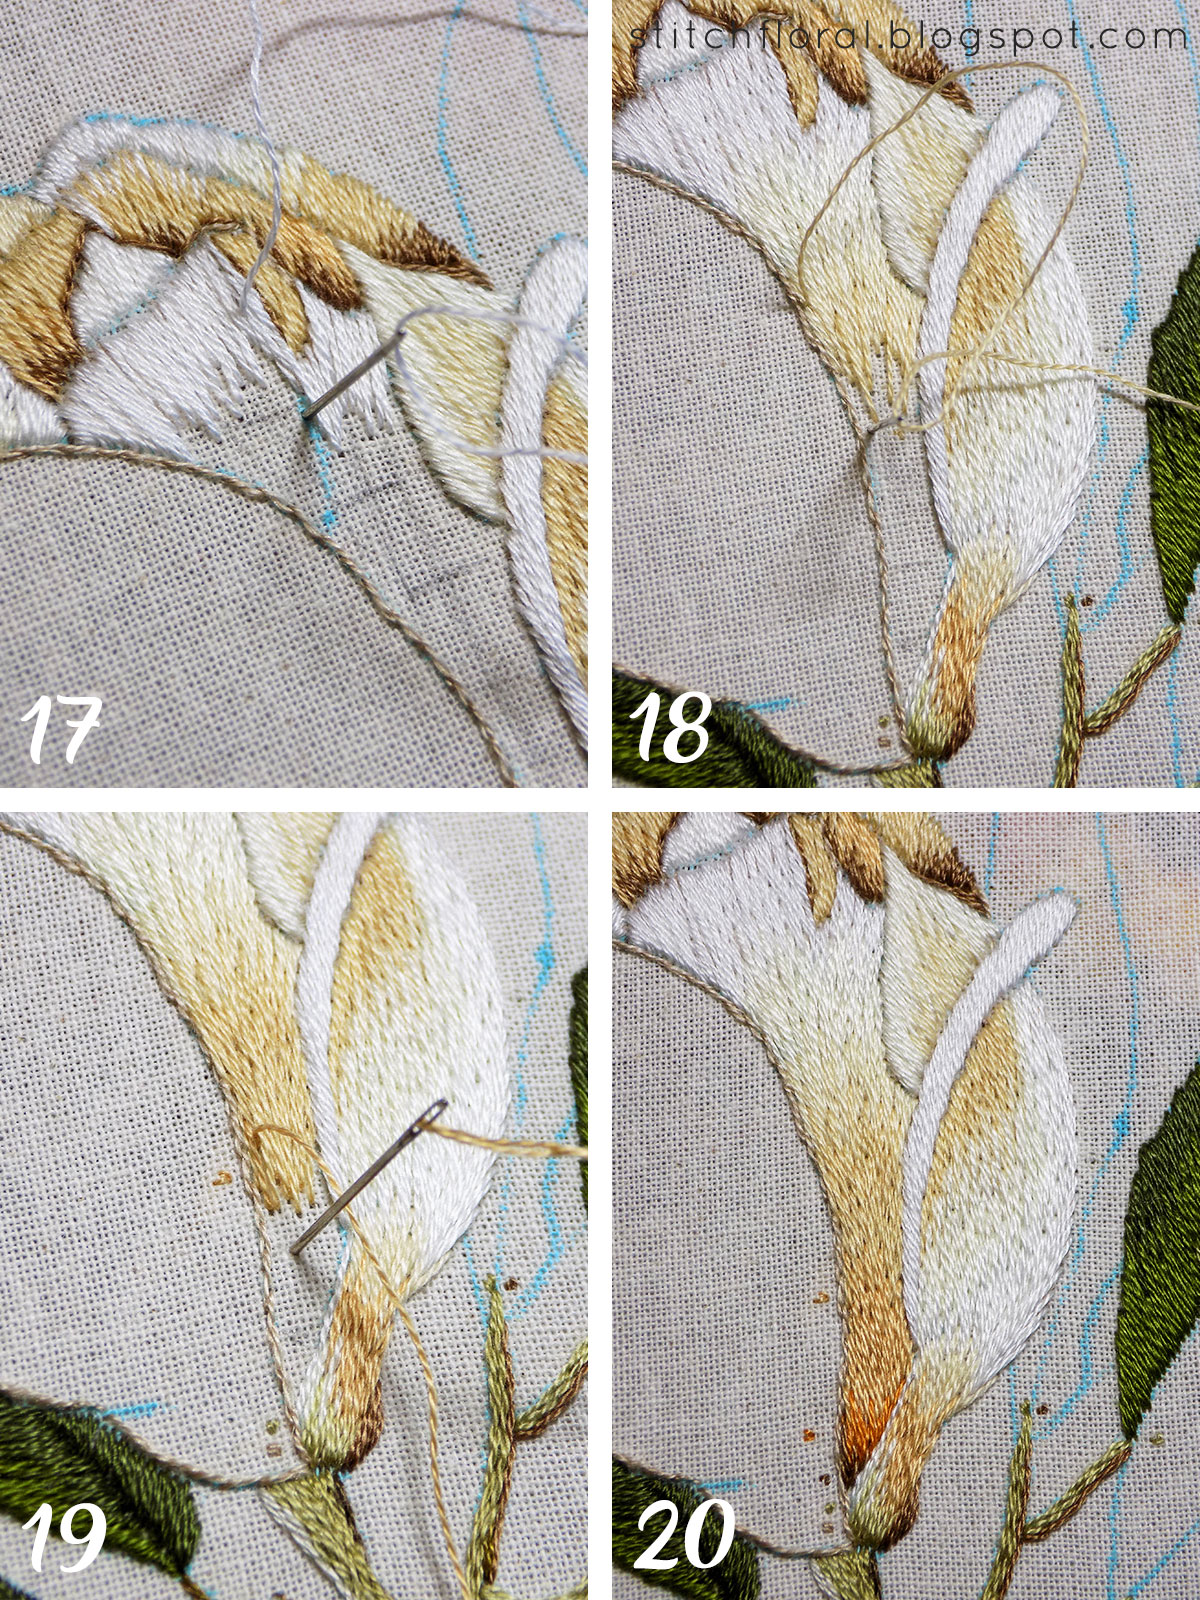 Magnolia Stitch Along Part 4